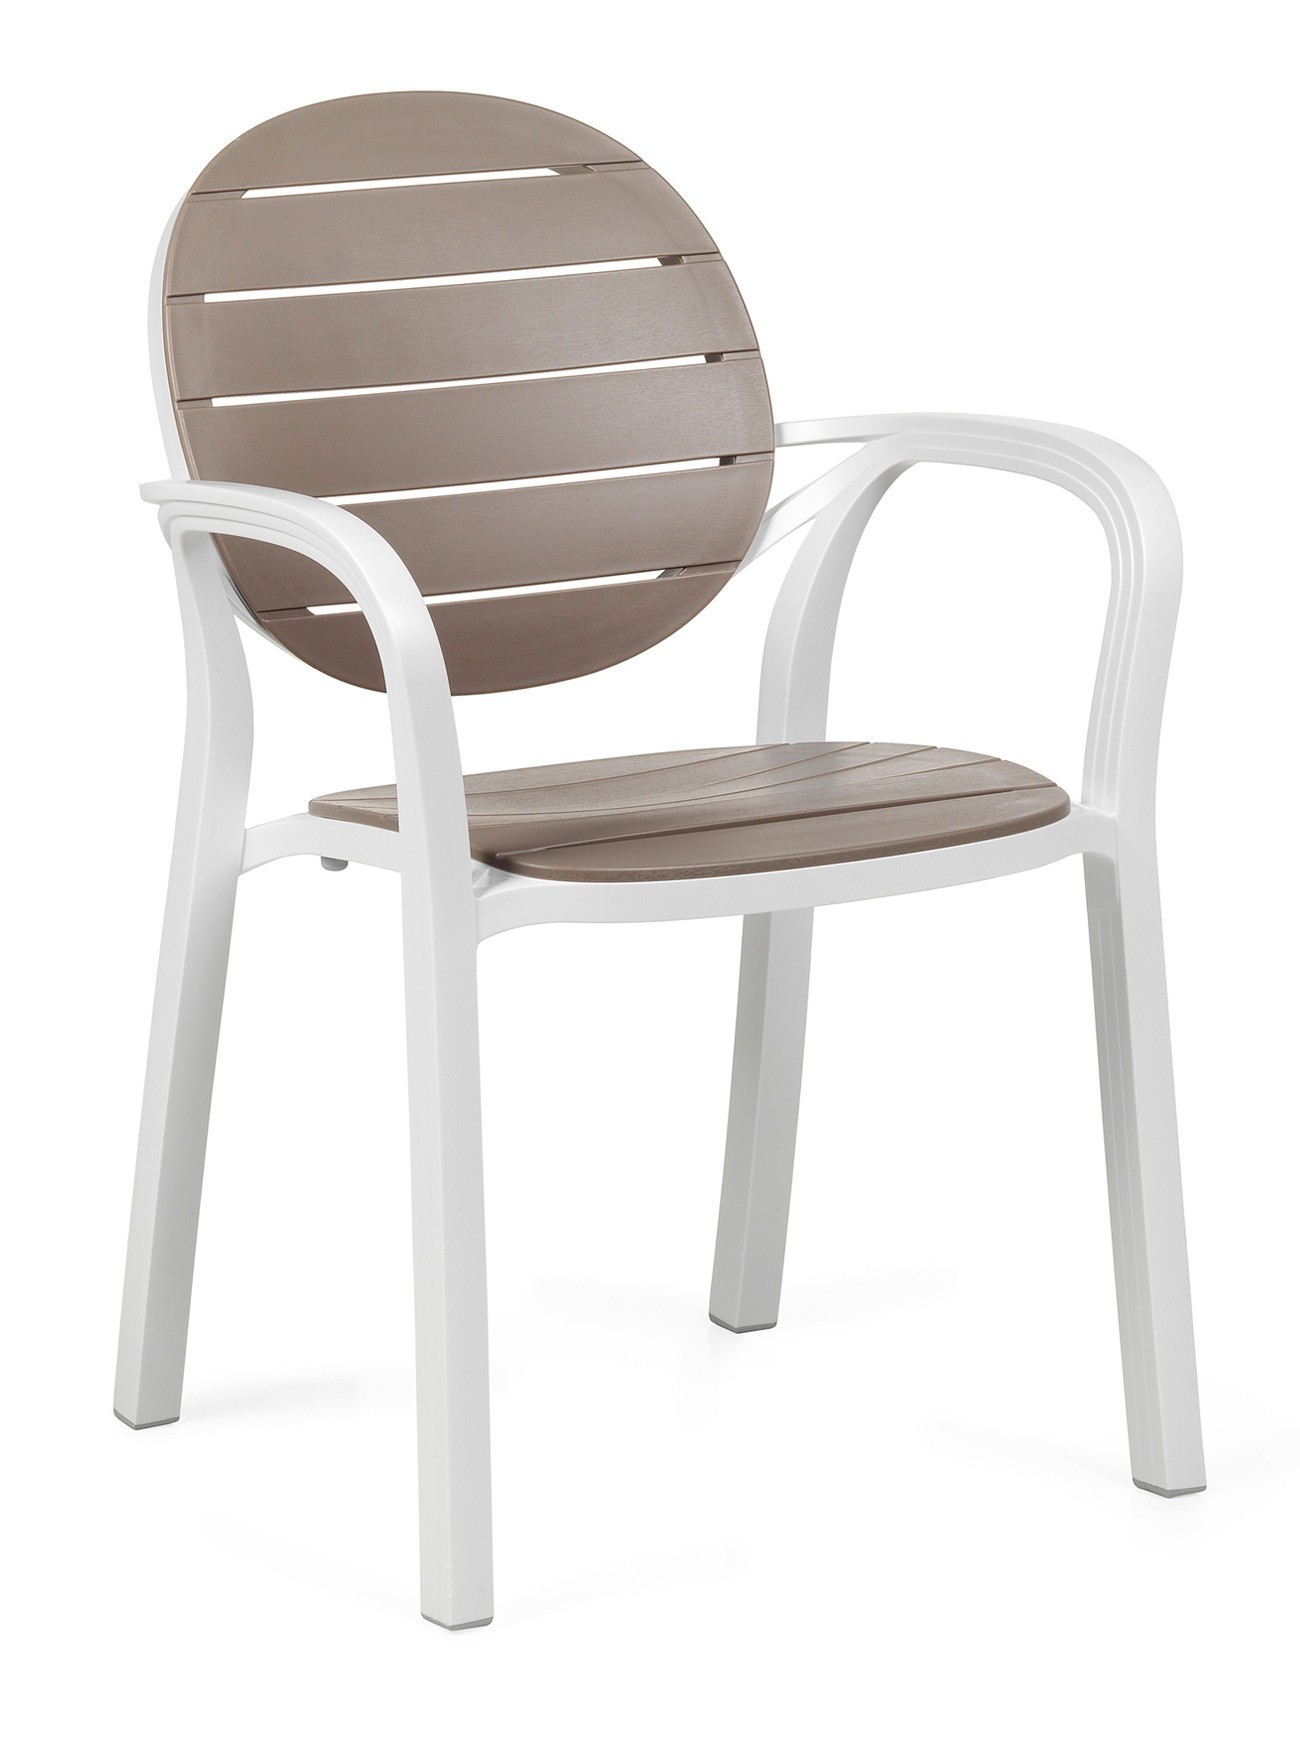 Nardi Stapelstuhl / Gartensessel Palma Kunststoff bianco / tortora Bild 1